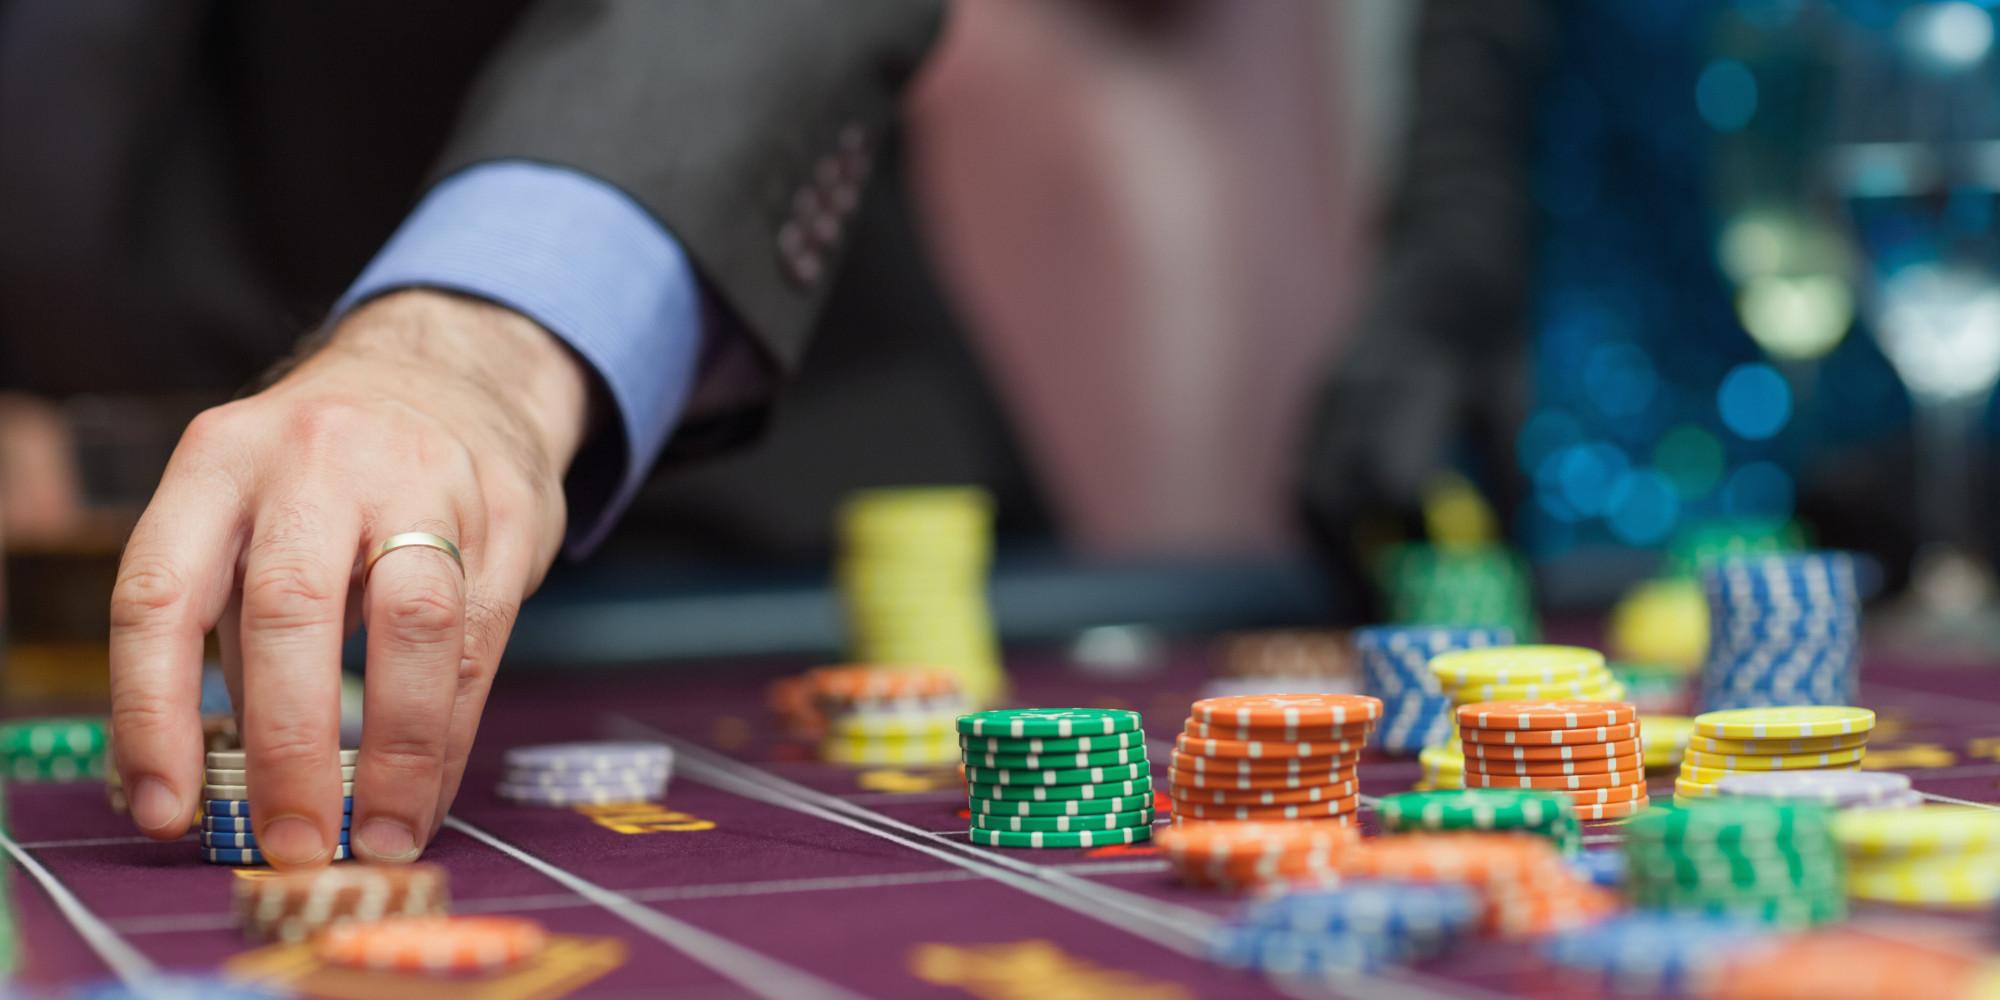 Pengalaman keterampilan taruhan yang baik di situs kasino